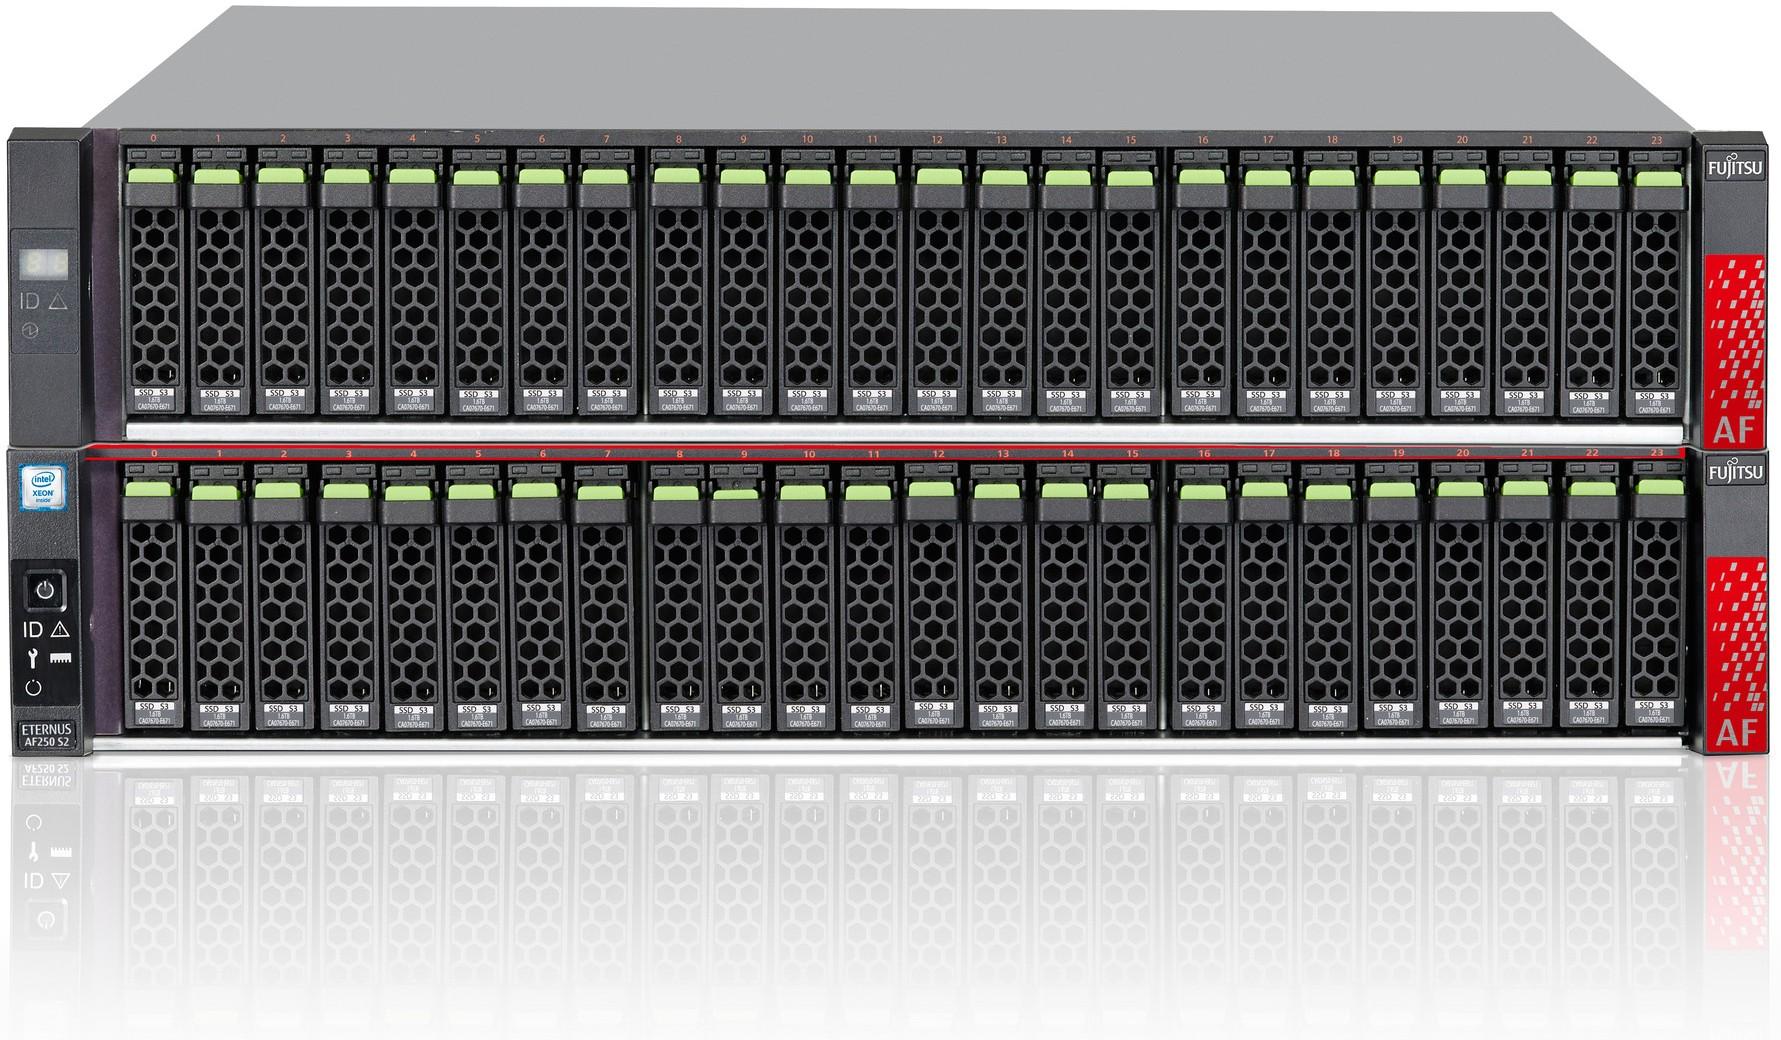 Fujitsu ETERNUS AF250 S2 with Drive Enclosure